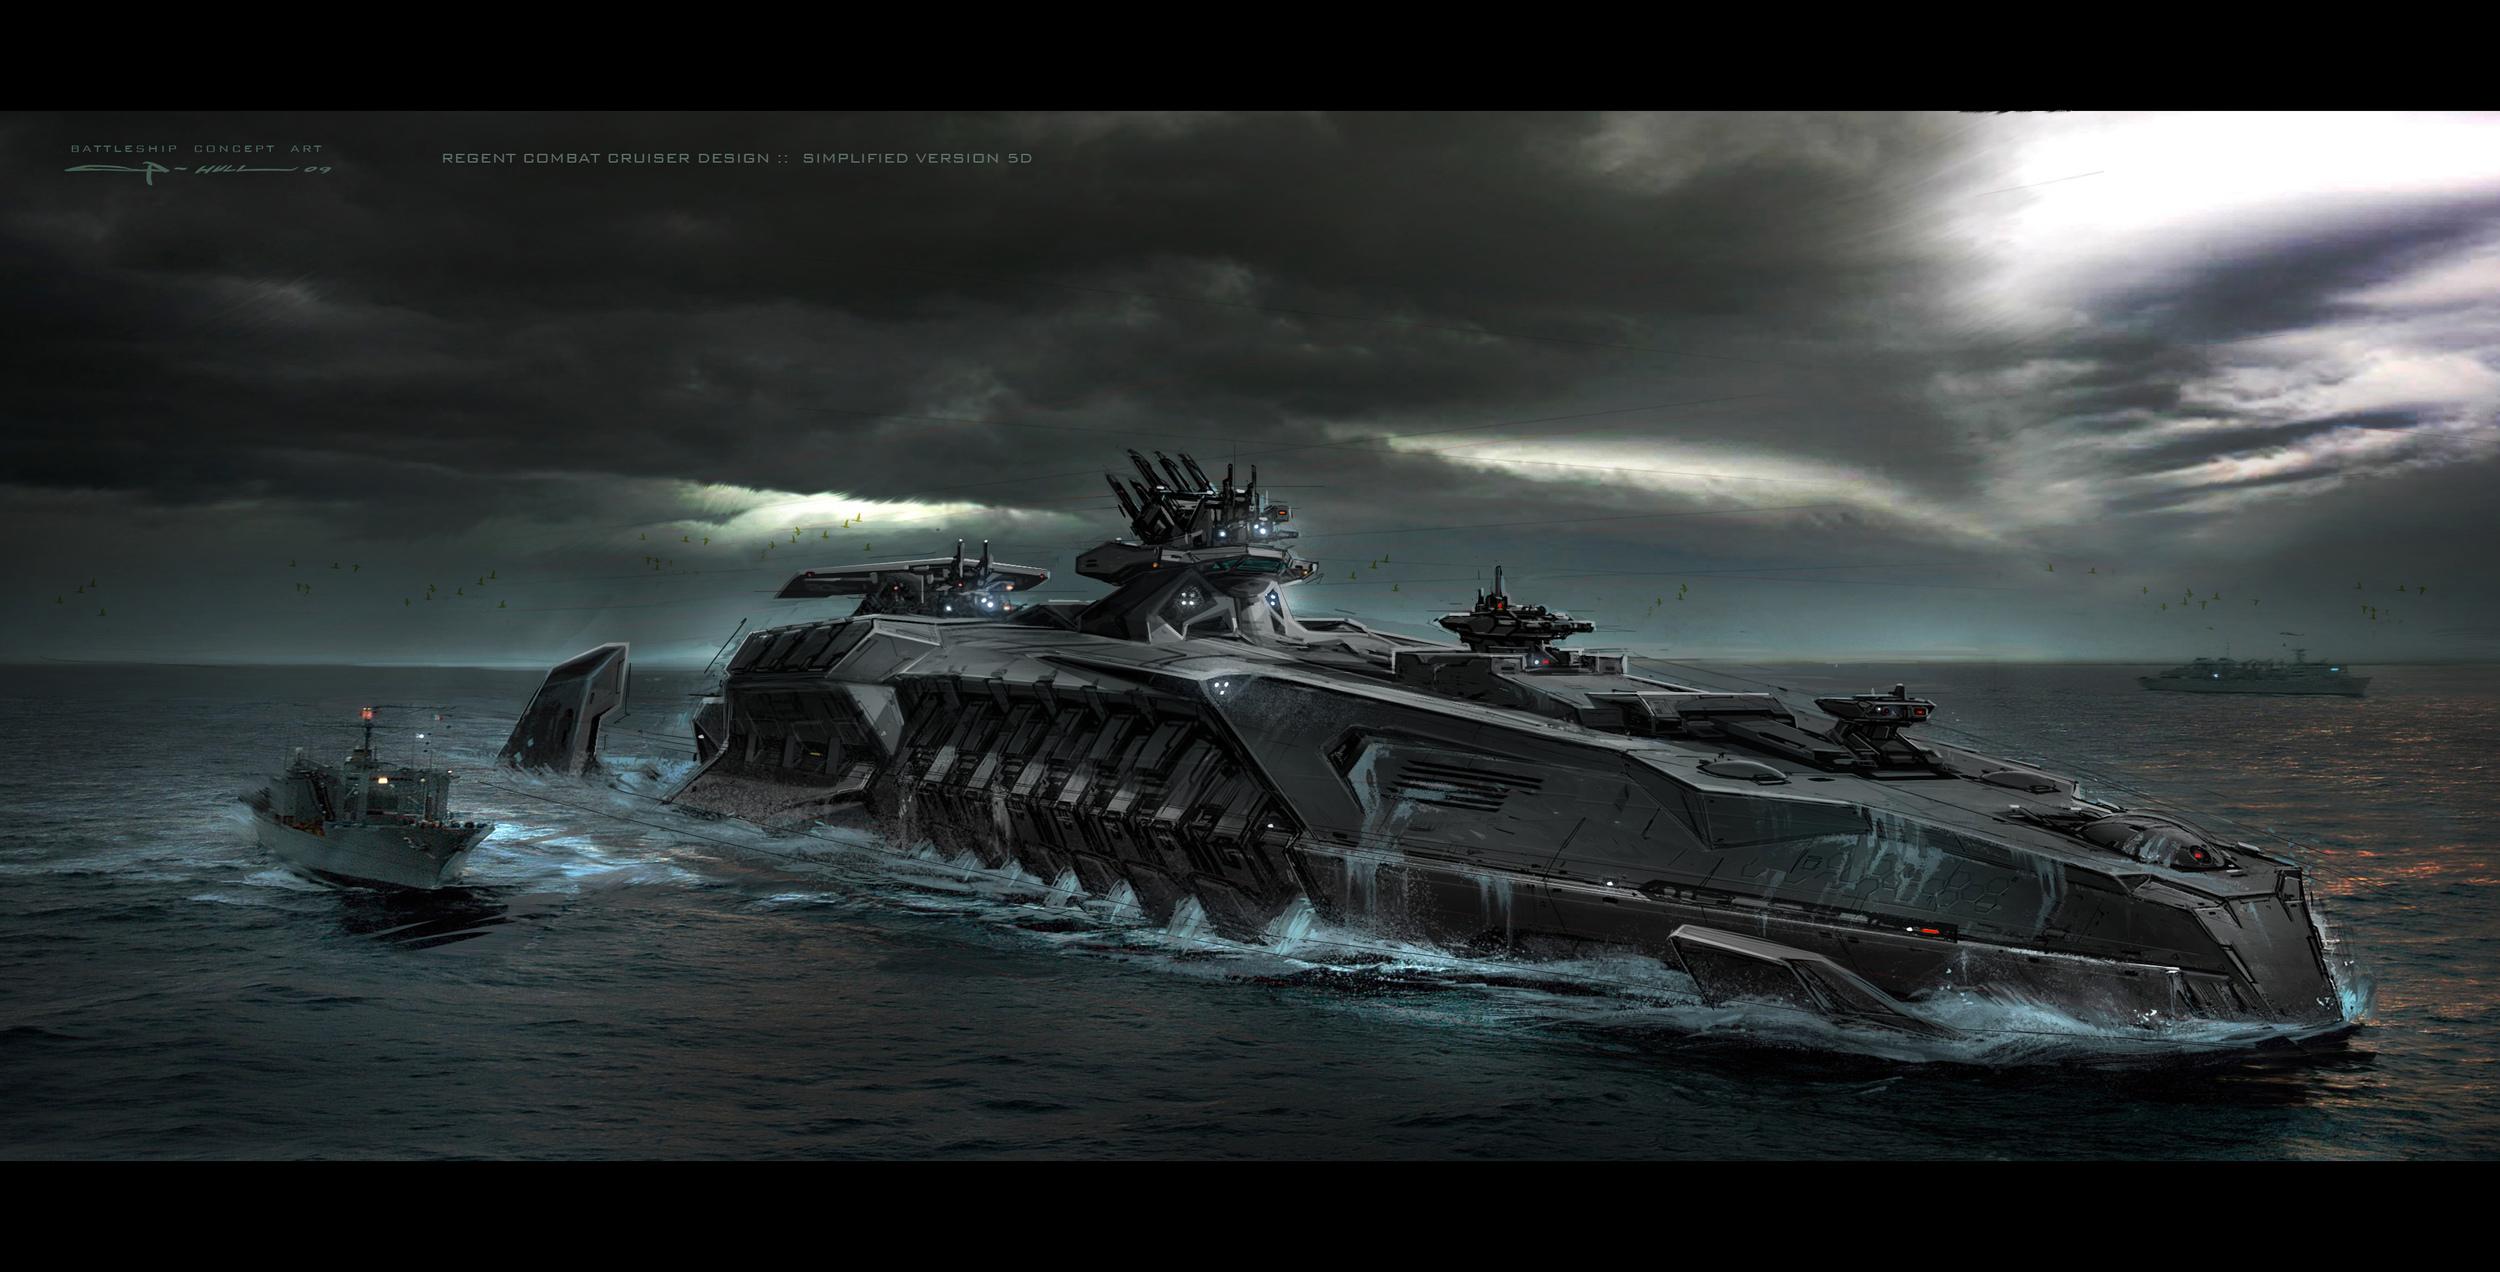 Battleship8_simplifiedV5d_gh copy.jpg